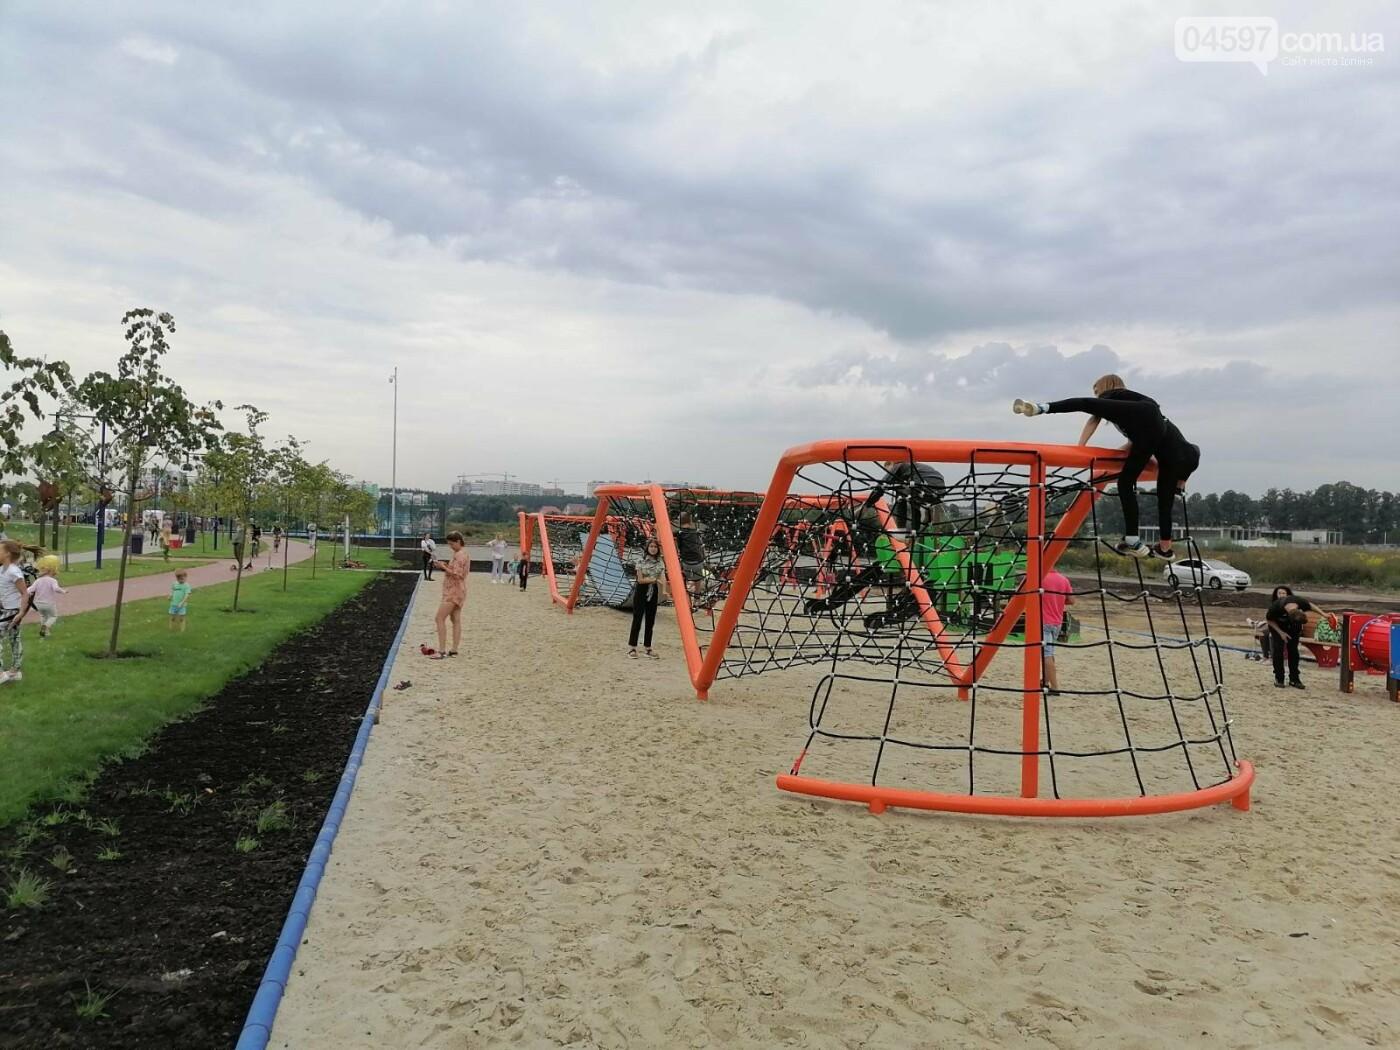 В Ірпені з'явився гігантський мотузковий атракціон, фото-2